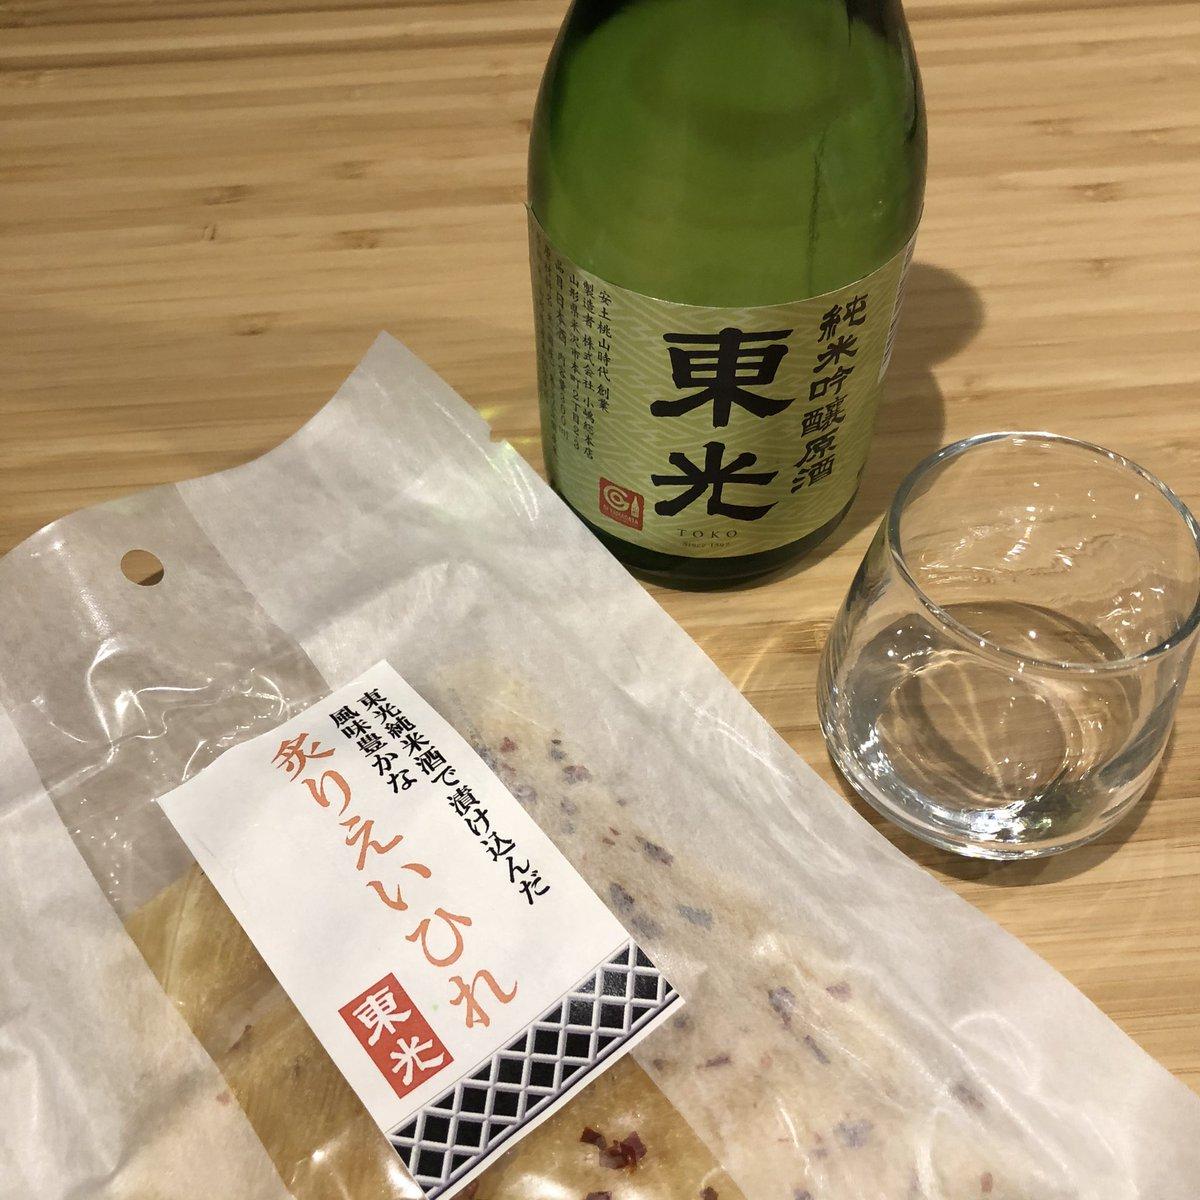 test ツイッターメディア - 東光の酒蔵に勤める旦那をもつ友人から、おつまみと日本酒を頂きましたー。前回買ったものより好みだー( ´ ▽ ` )。 https://t.co/0M11sGky05